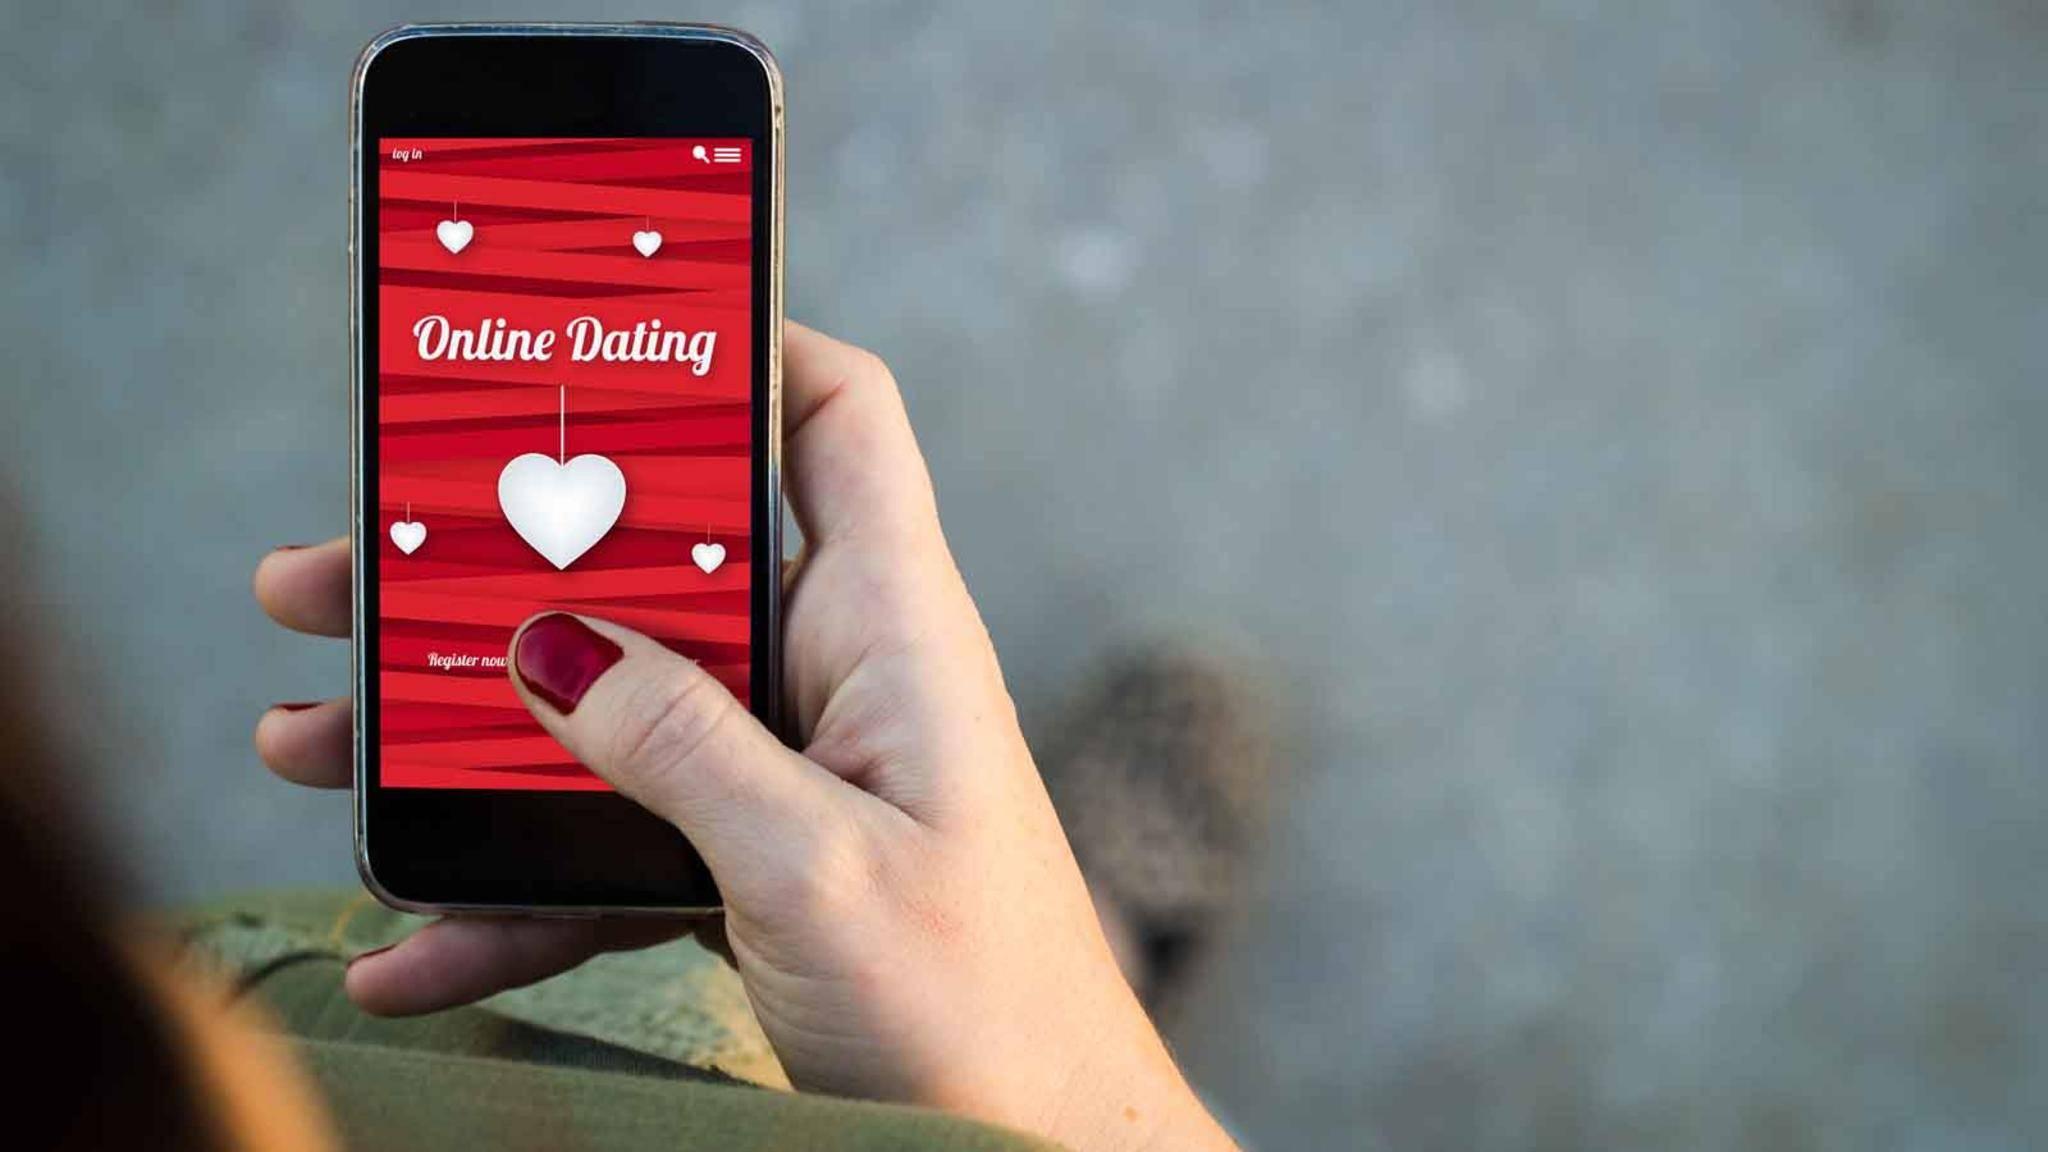 Die meisten Befragten nutzen Online-Dating-Dienste auf dem Smartphone.